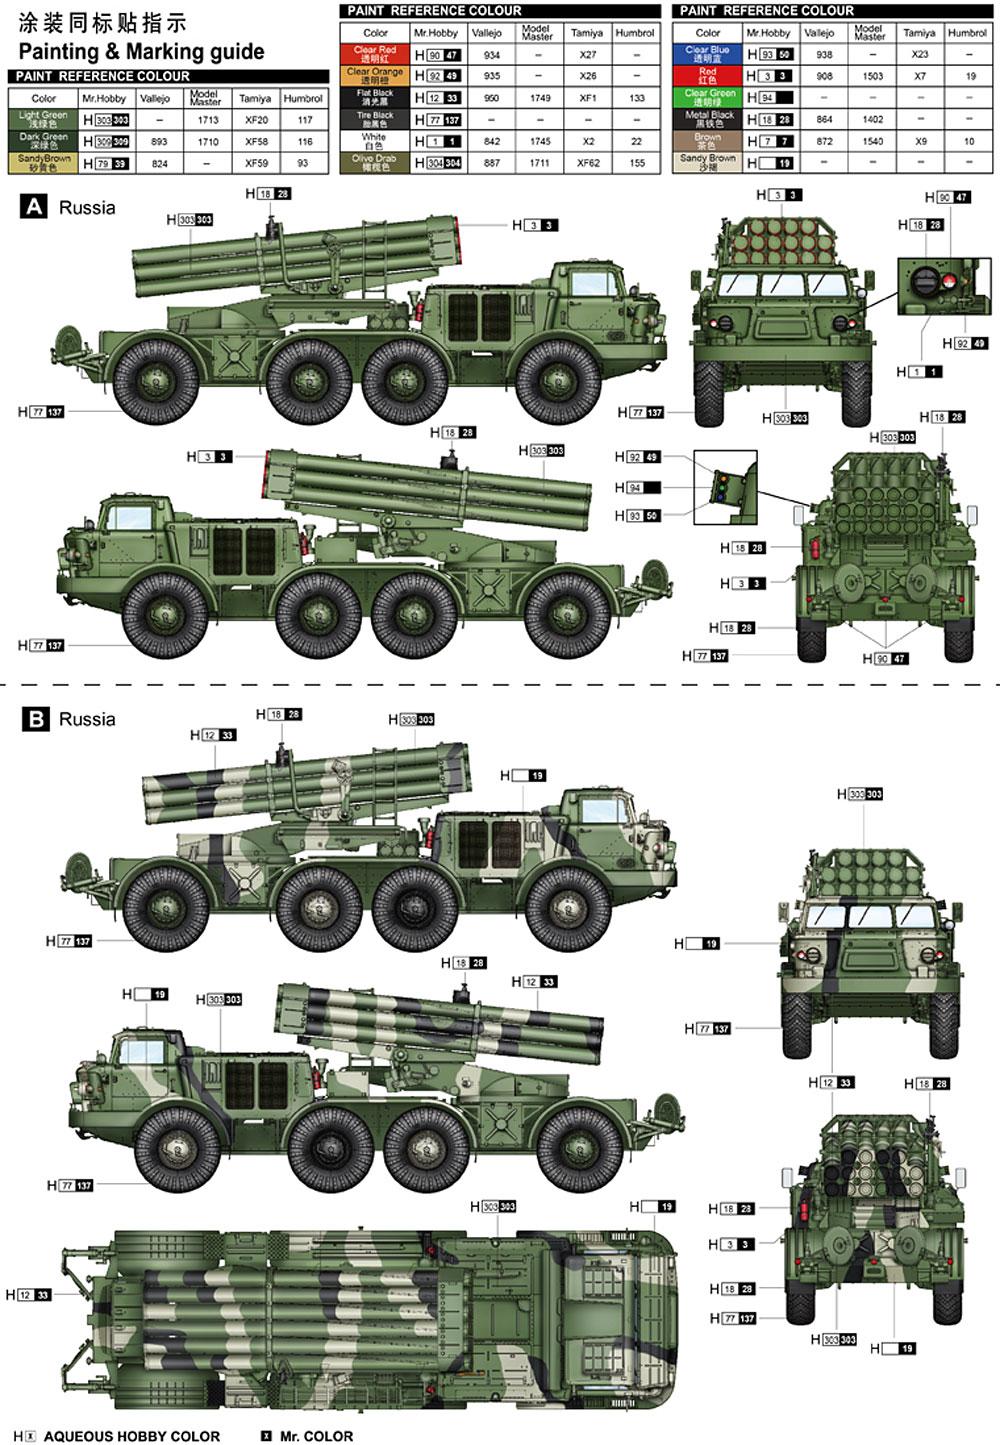 ロシア BM-27 多連装ロケットランチャー ウラガンプラモデル(トランペッター1/35 AFVシリーズNo.01026)商品画像_2